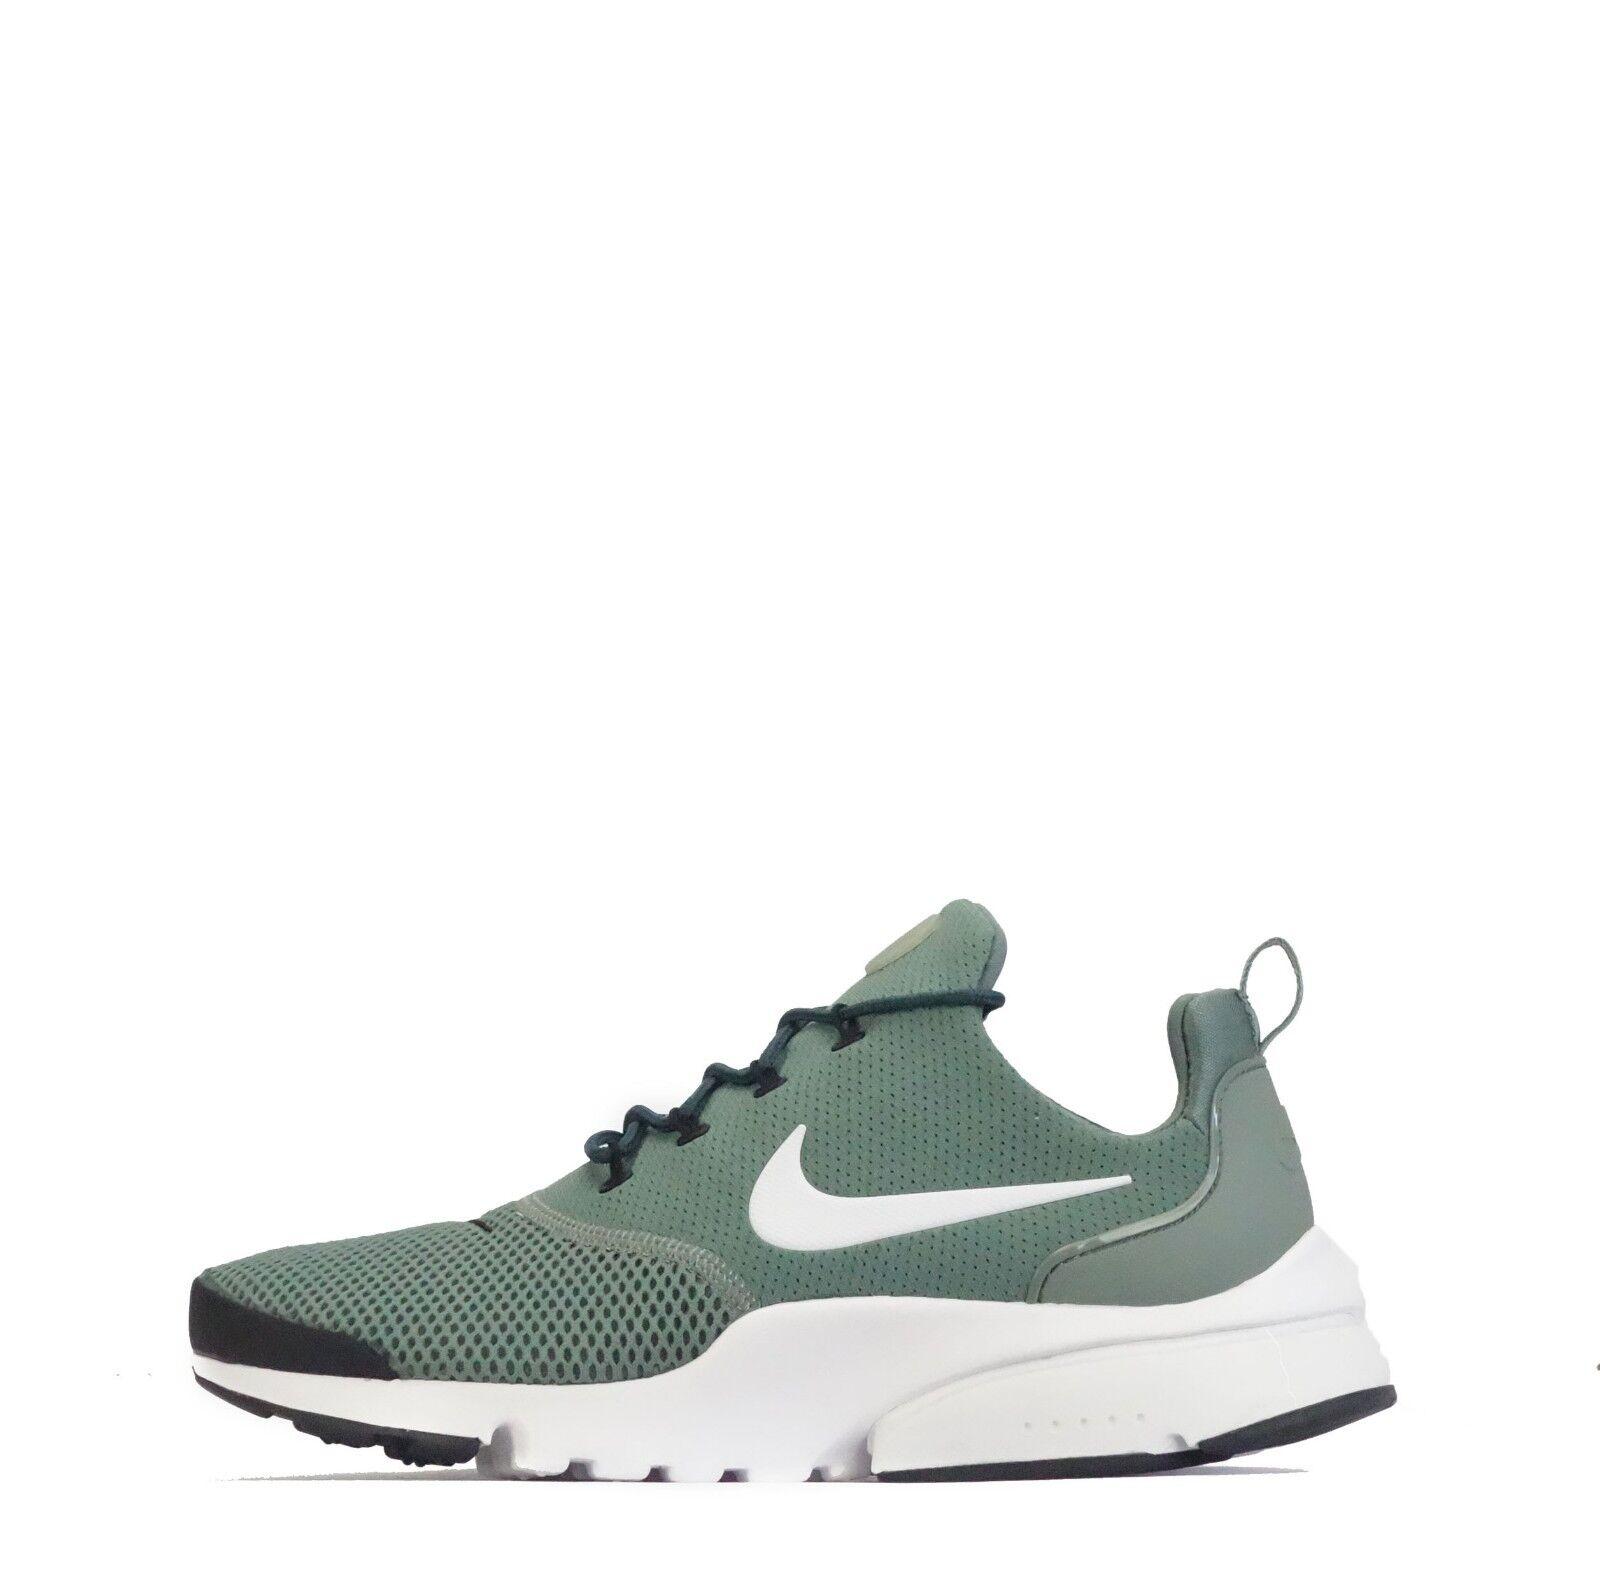 Nike Presto Fliege Herren Turnschuhe in Ton Grün Weiß